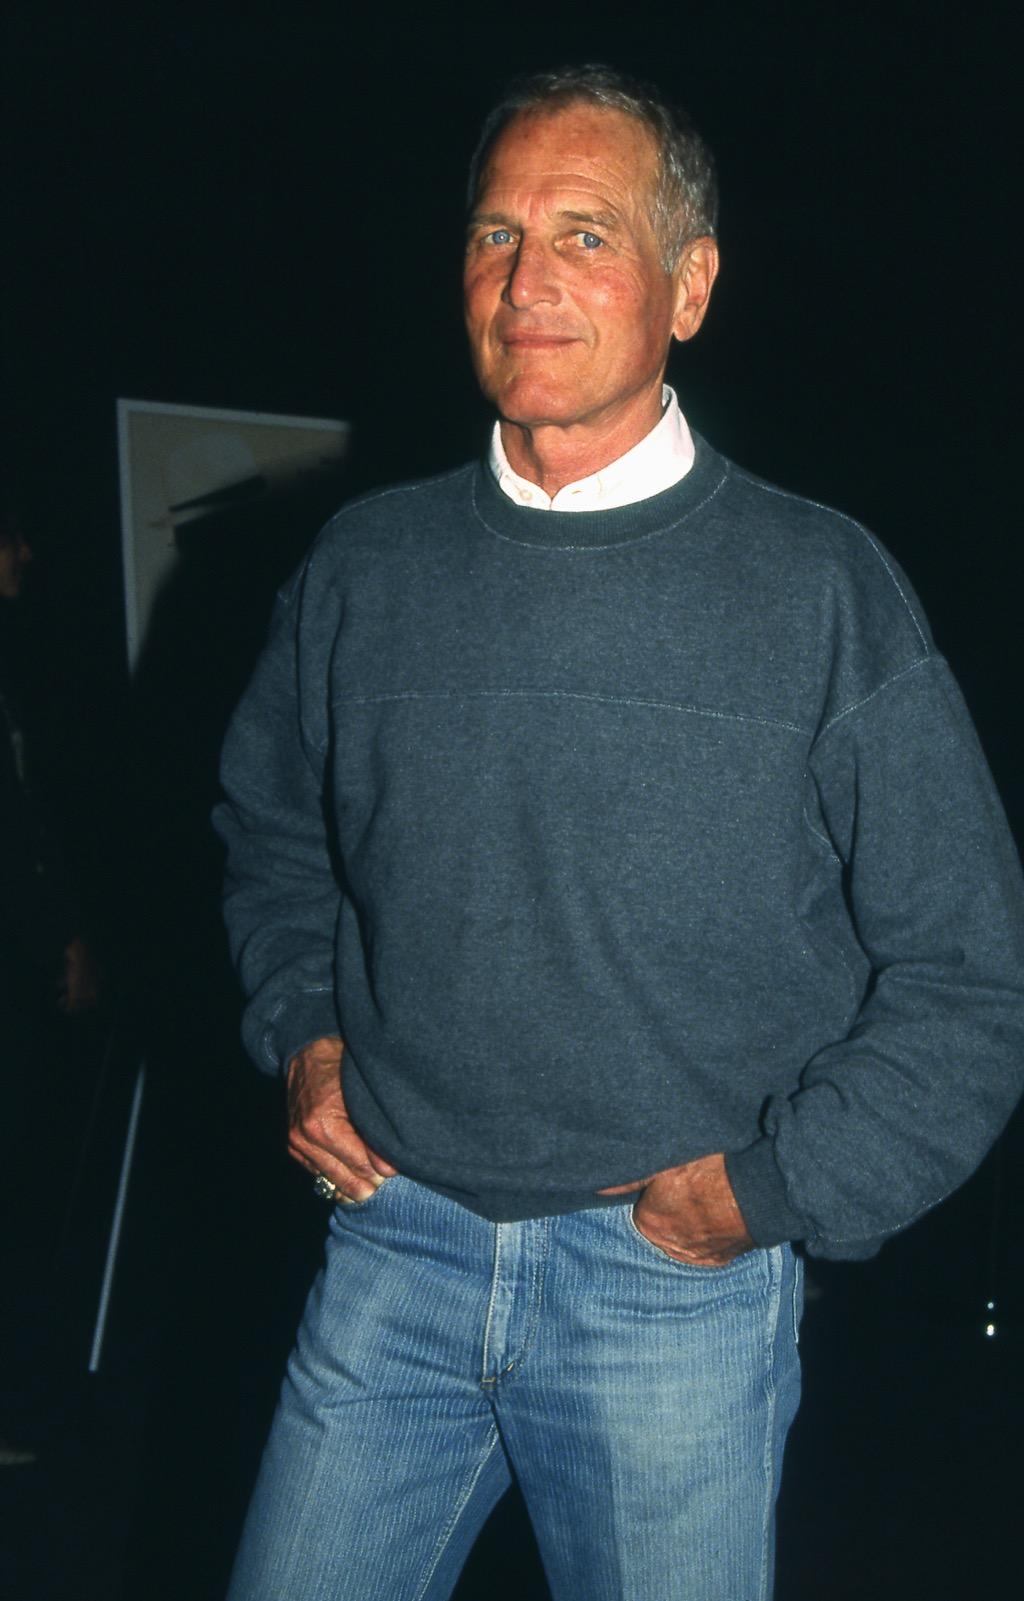 Paul Newman most famous actors